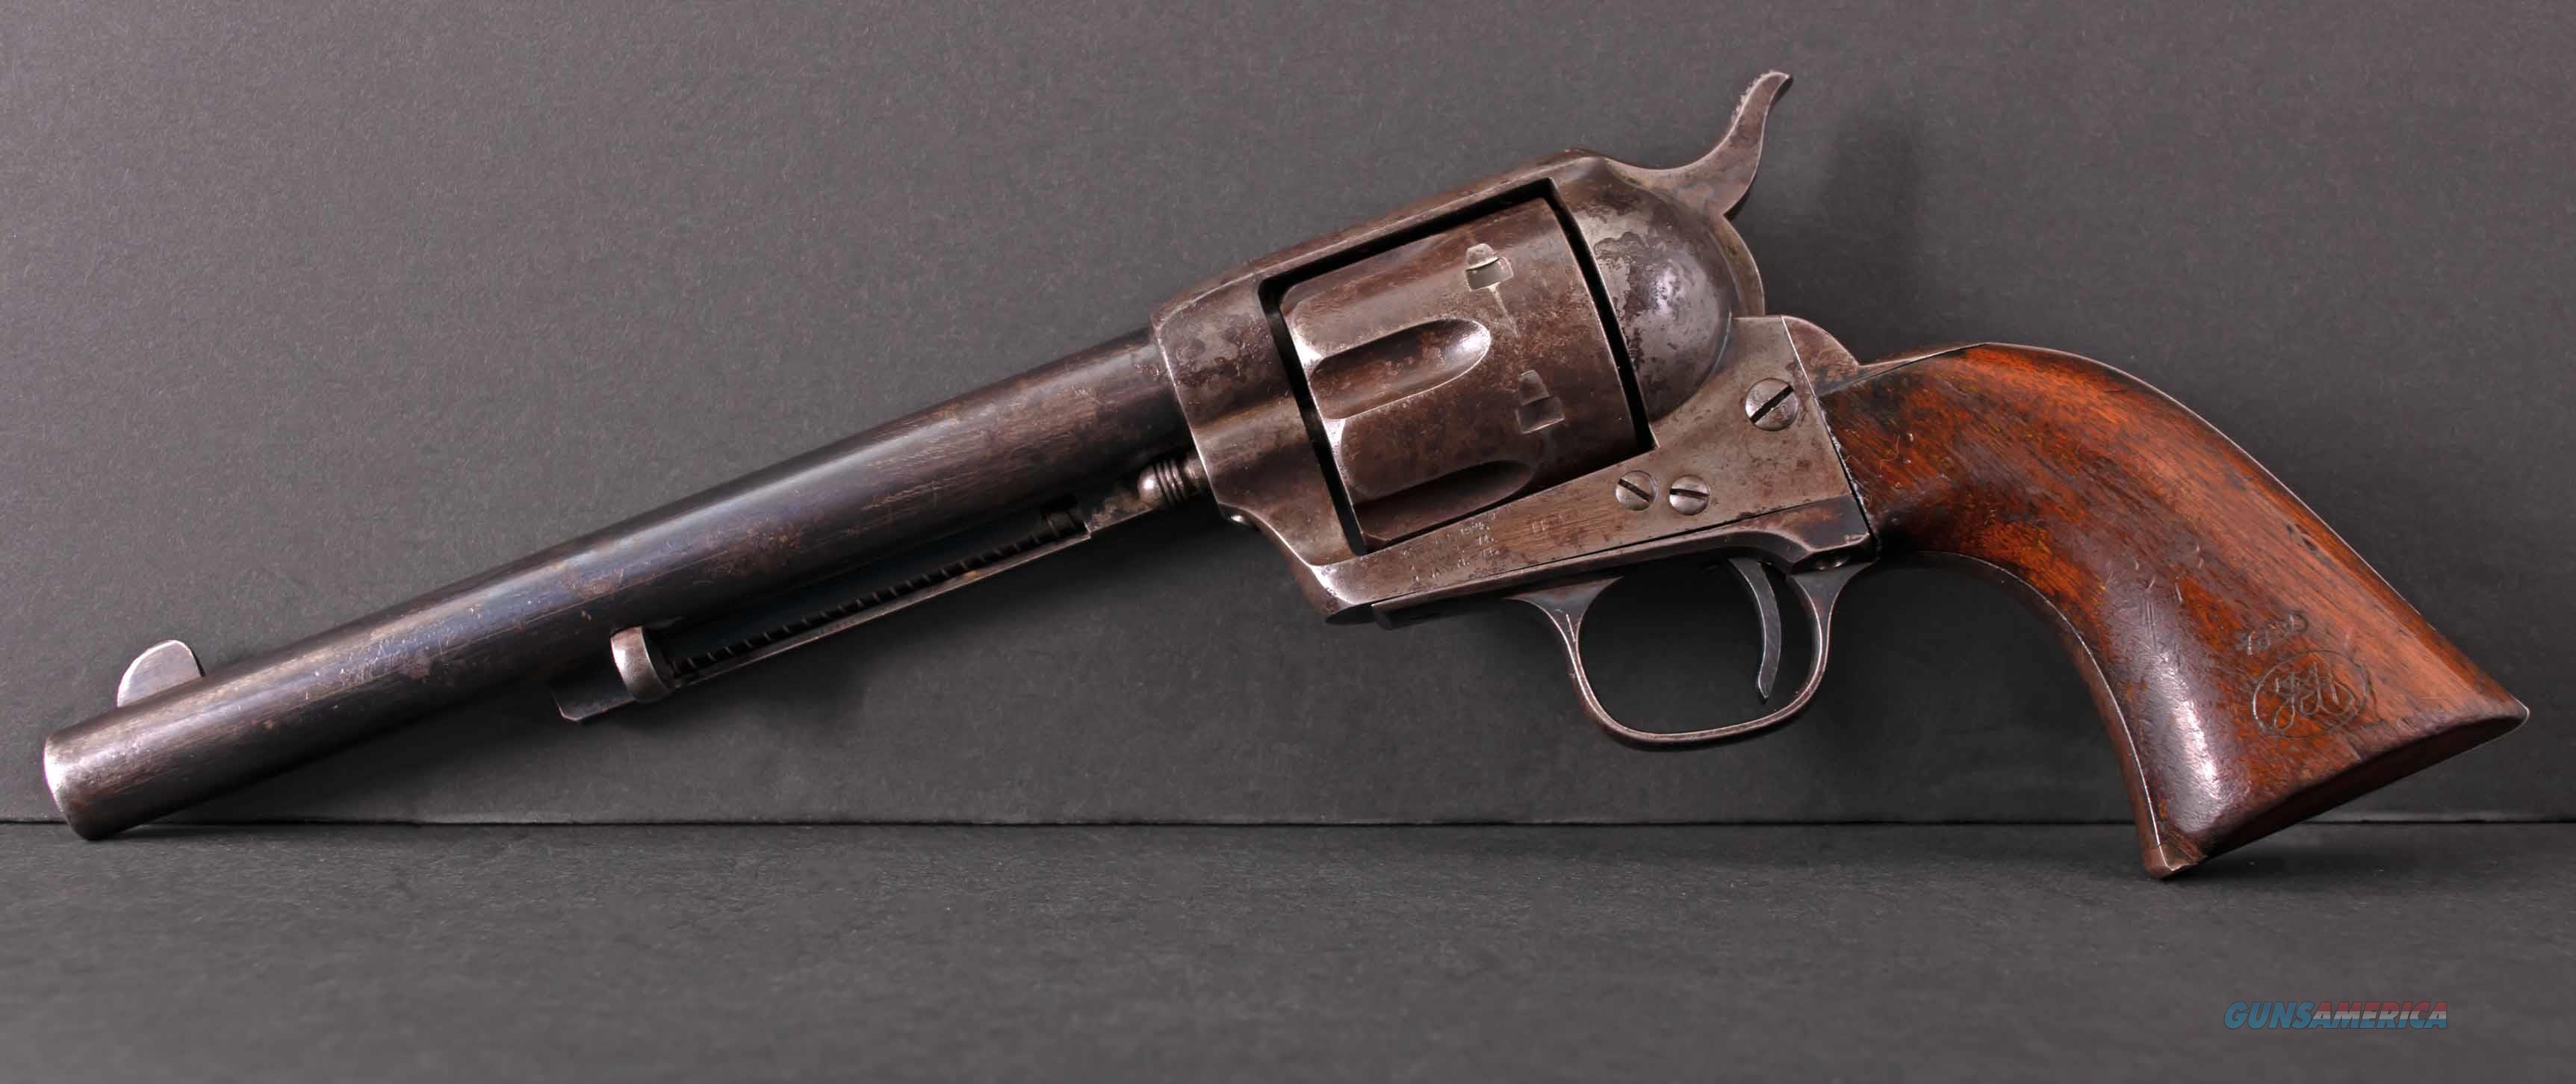 Colt SAA .45 Colt – U.S. CAVALRY, 1885, D.F.C., 100% CORRECT, ORIGINAL, vintage firearms inc   Guns > Pistols > Colt Single Action Revolvers - 1st Gen.